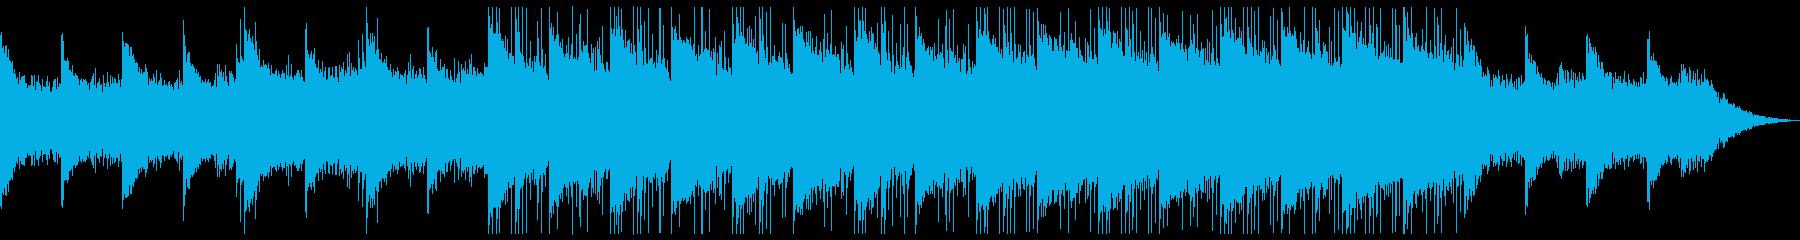 神秘的なピアノのアンビエントの再生済みの波形